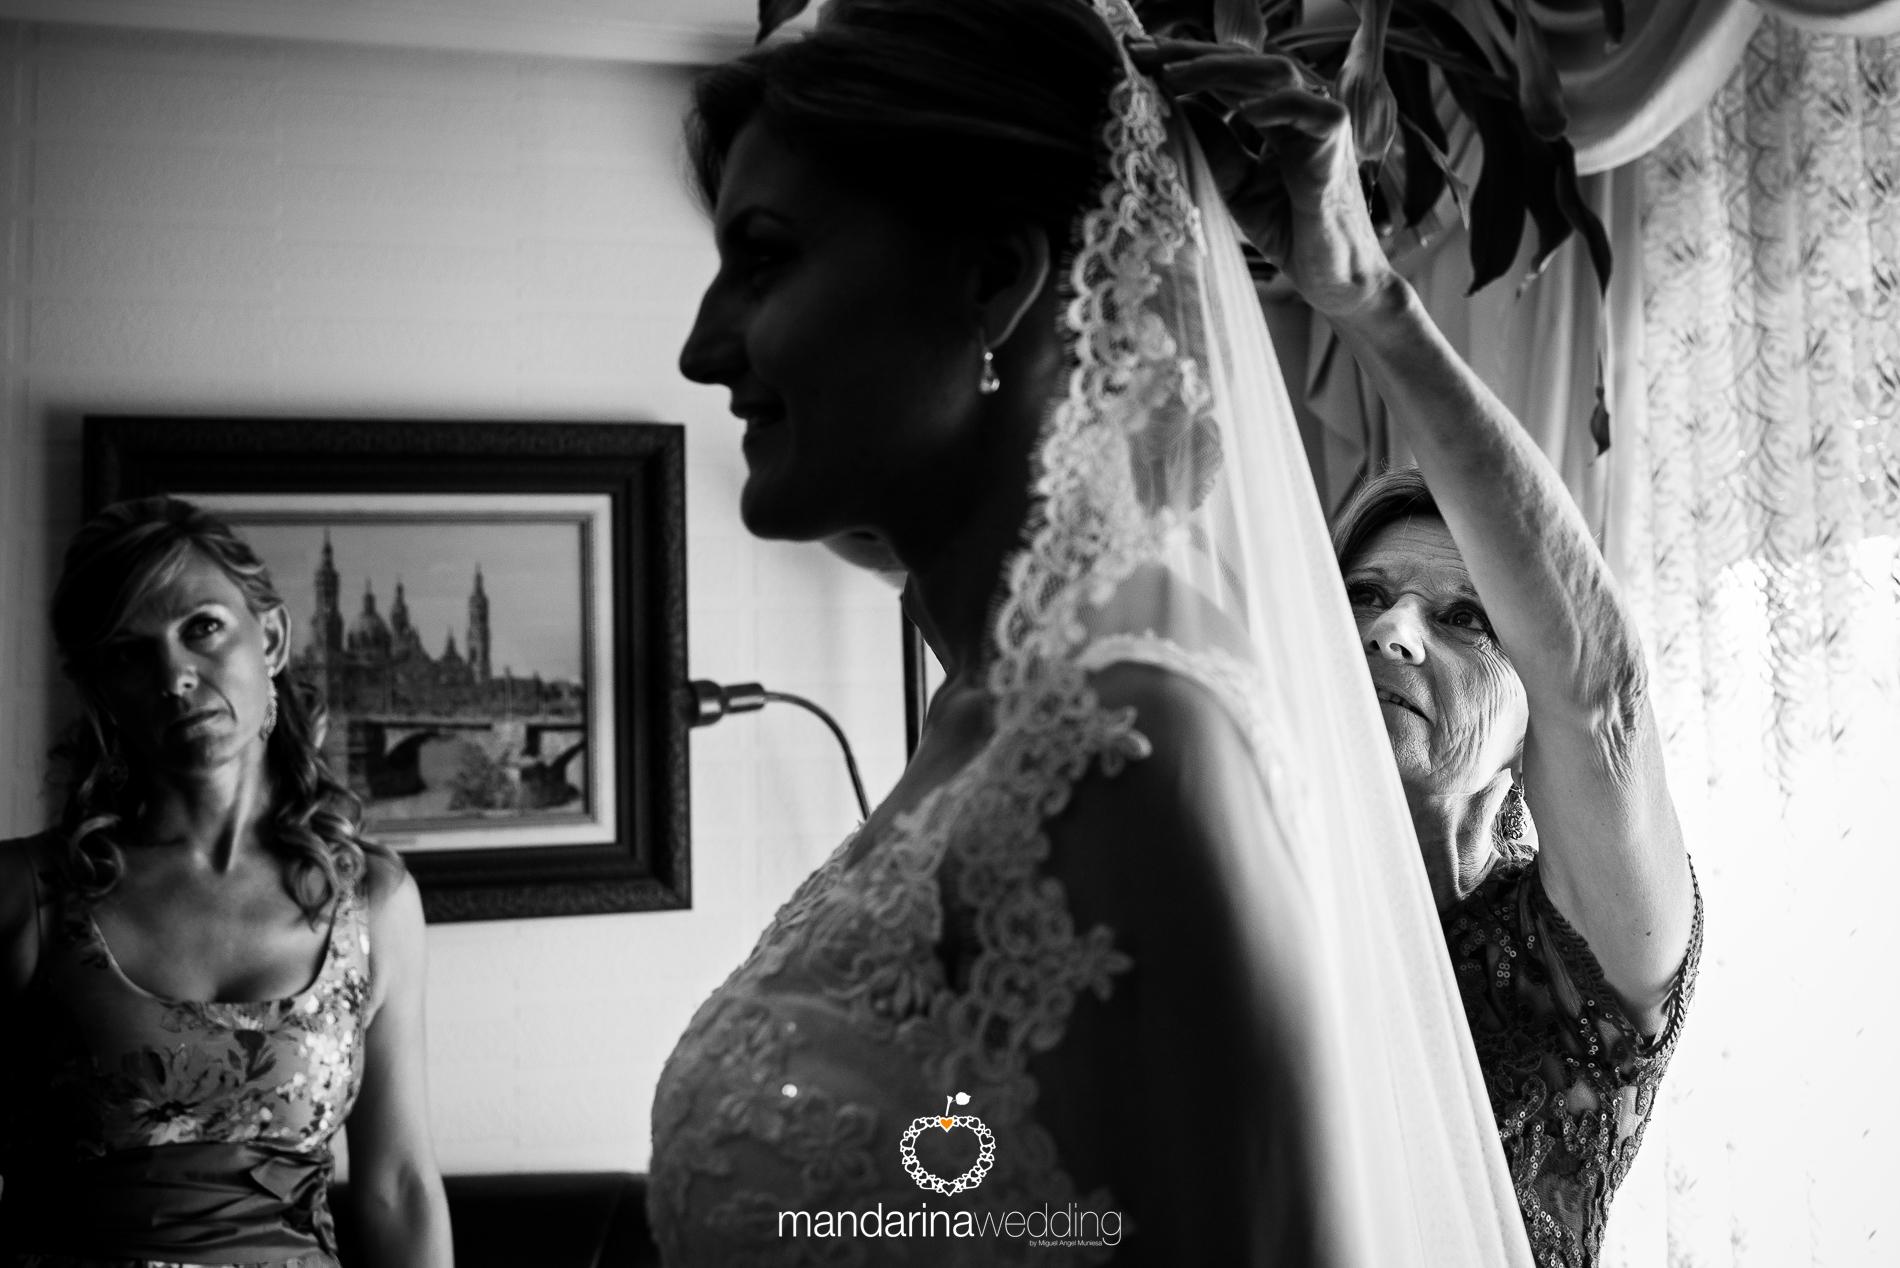 mandarina wedding_13